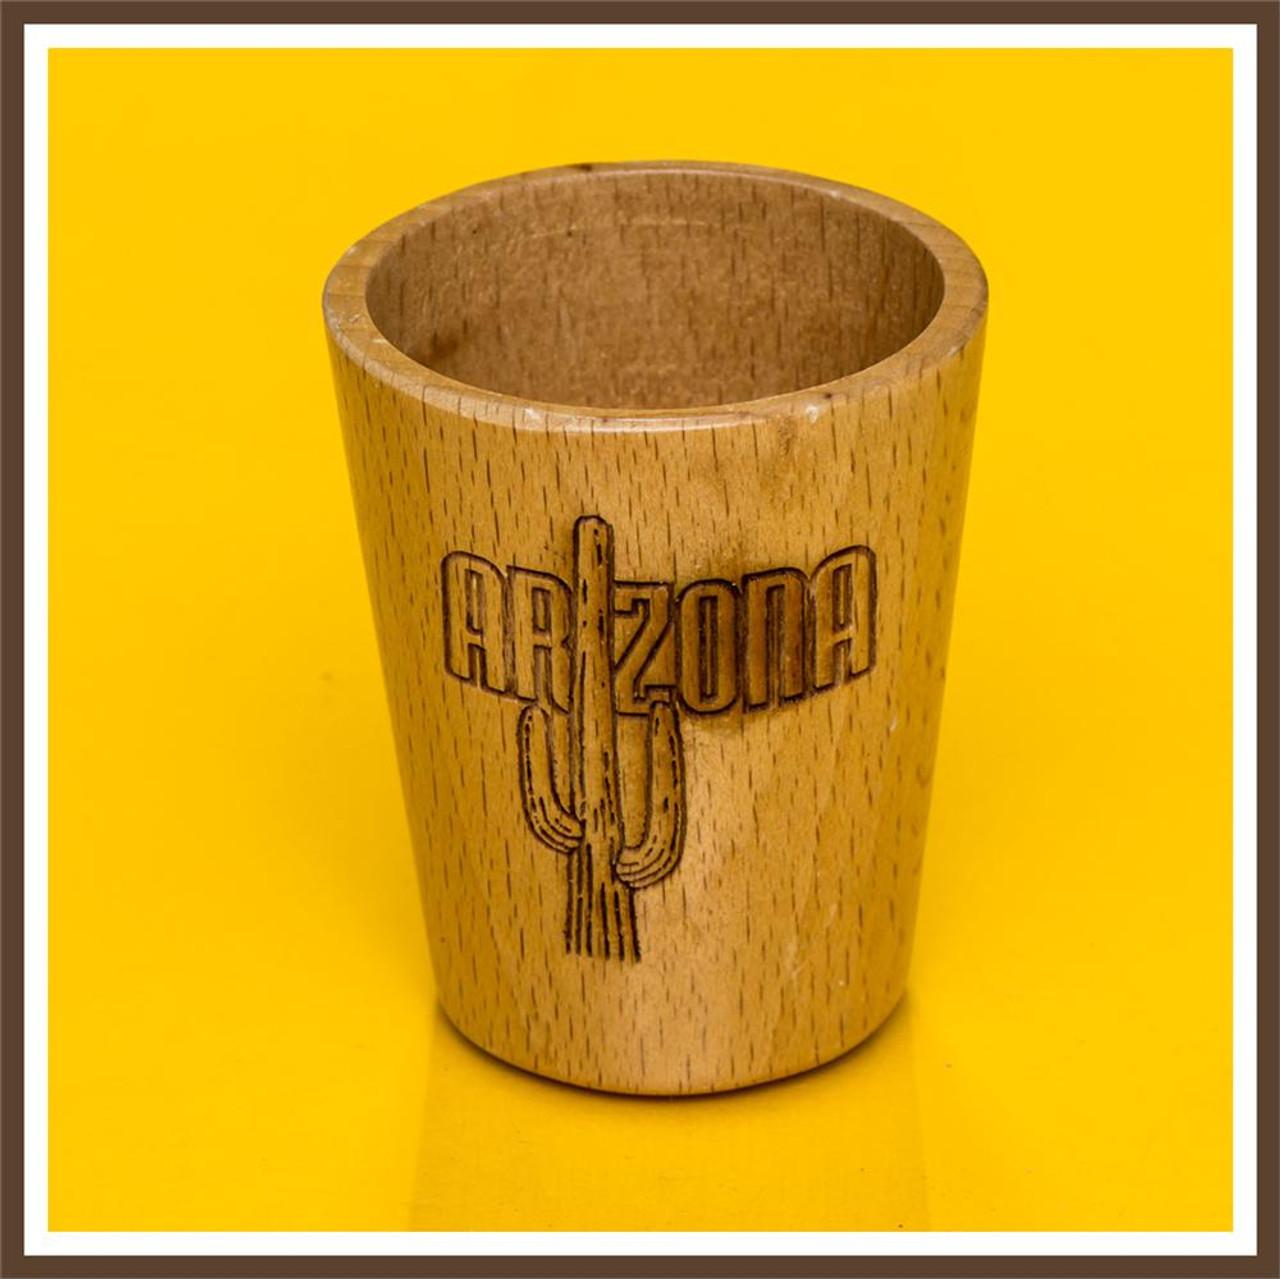 Wood Arizona Cactus Shotglass